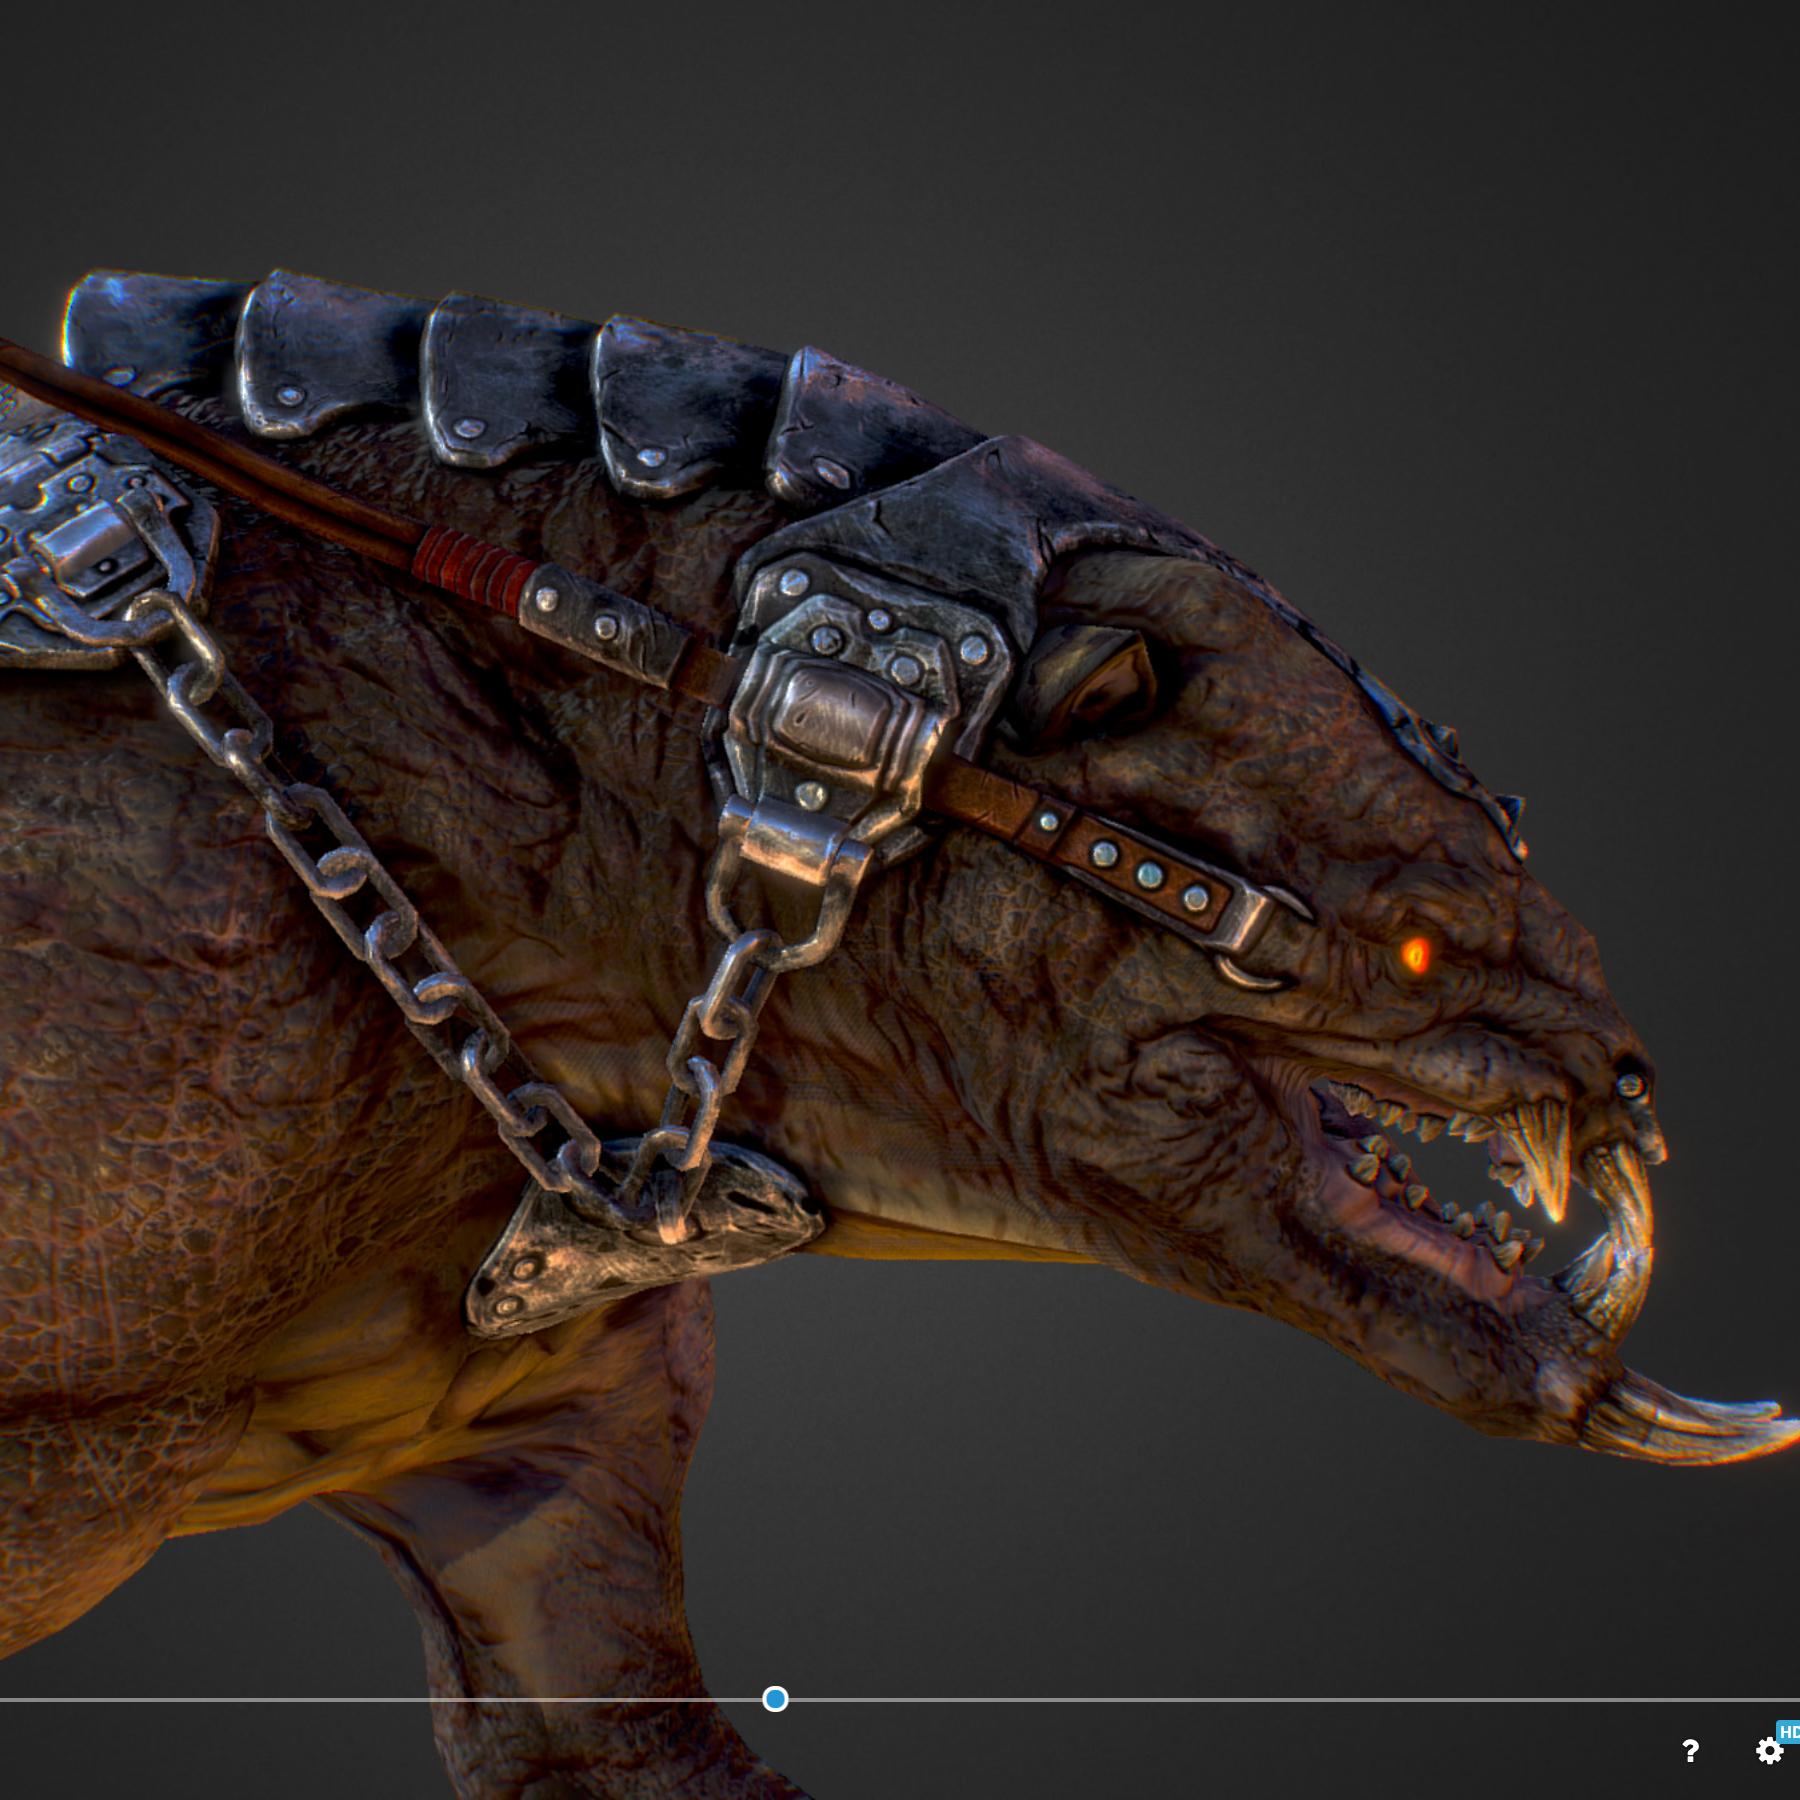 creature mount mastodont 3d model max  fbx ma mb obj 272425